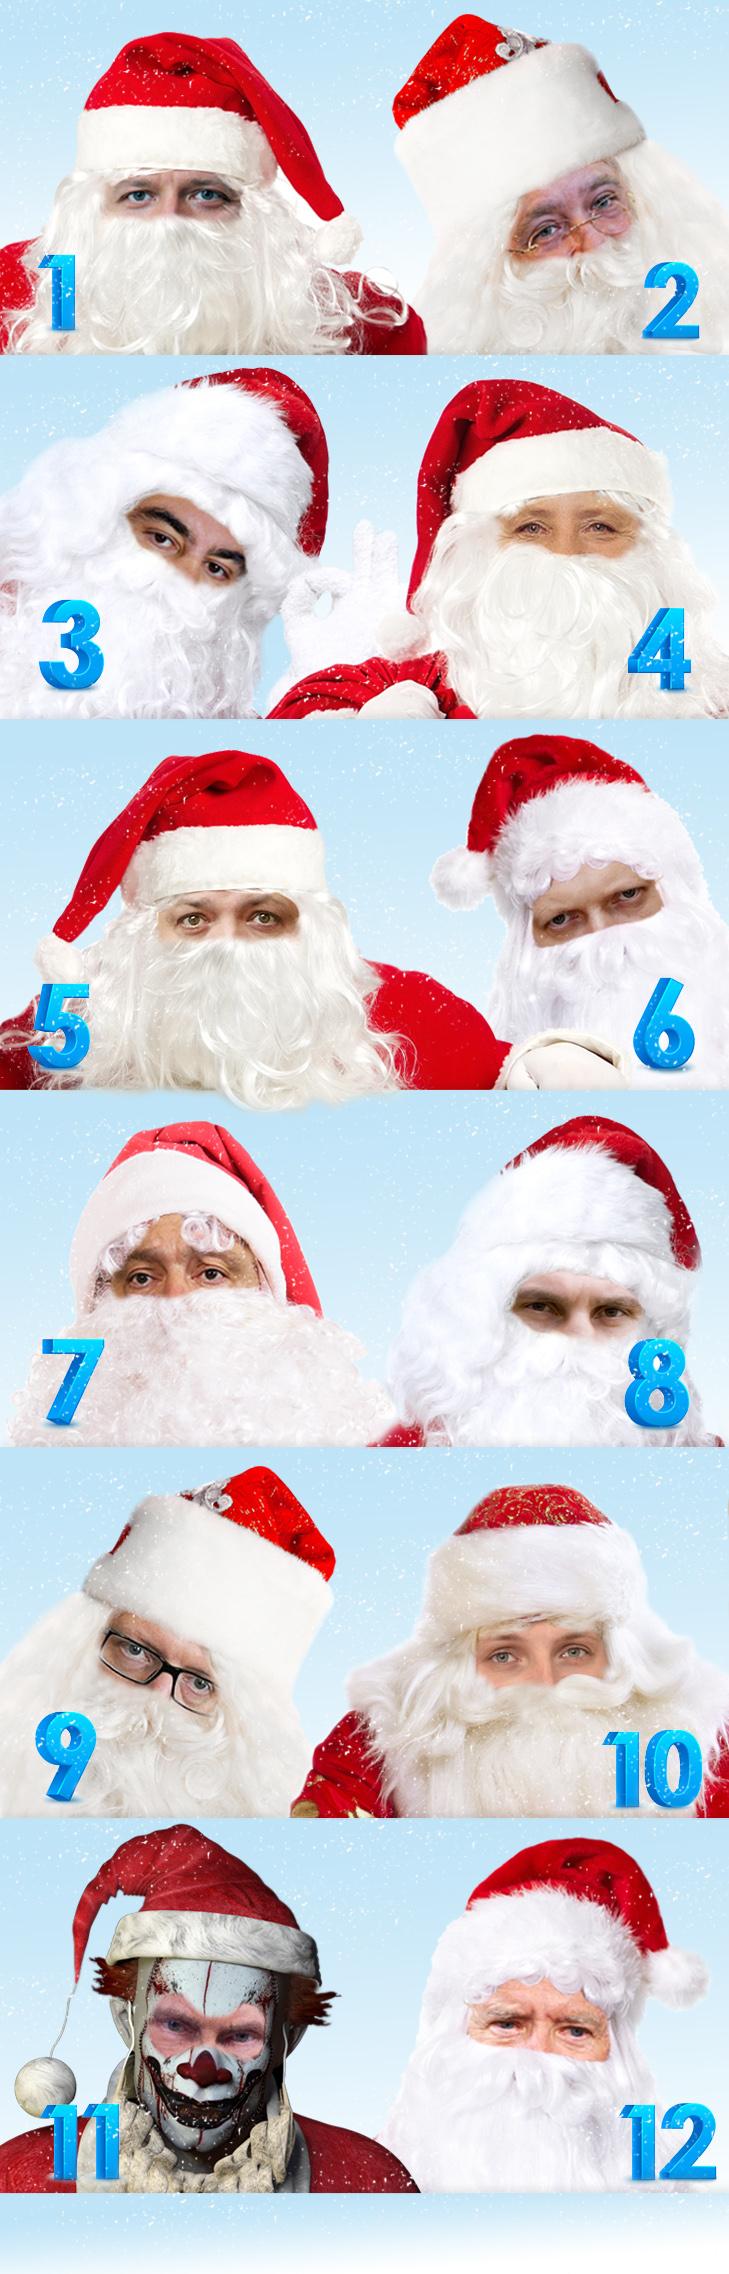 Вгадай політика Санта Клауса - фото 1